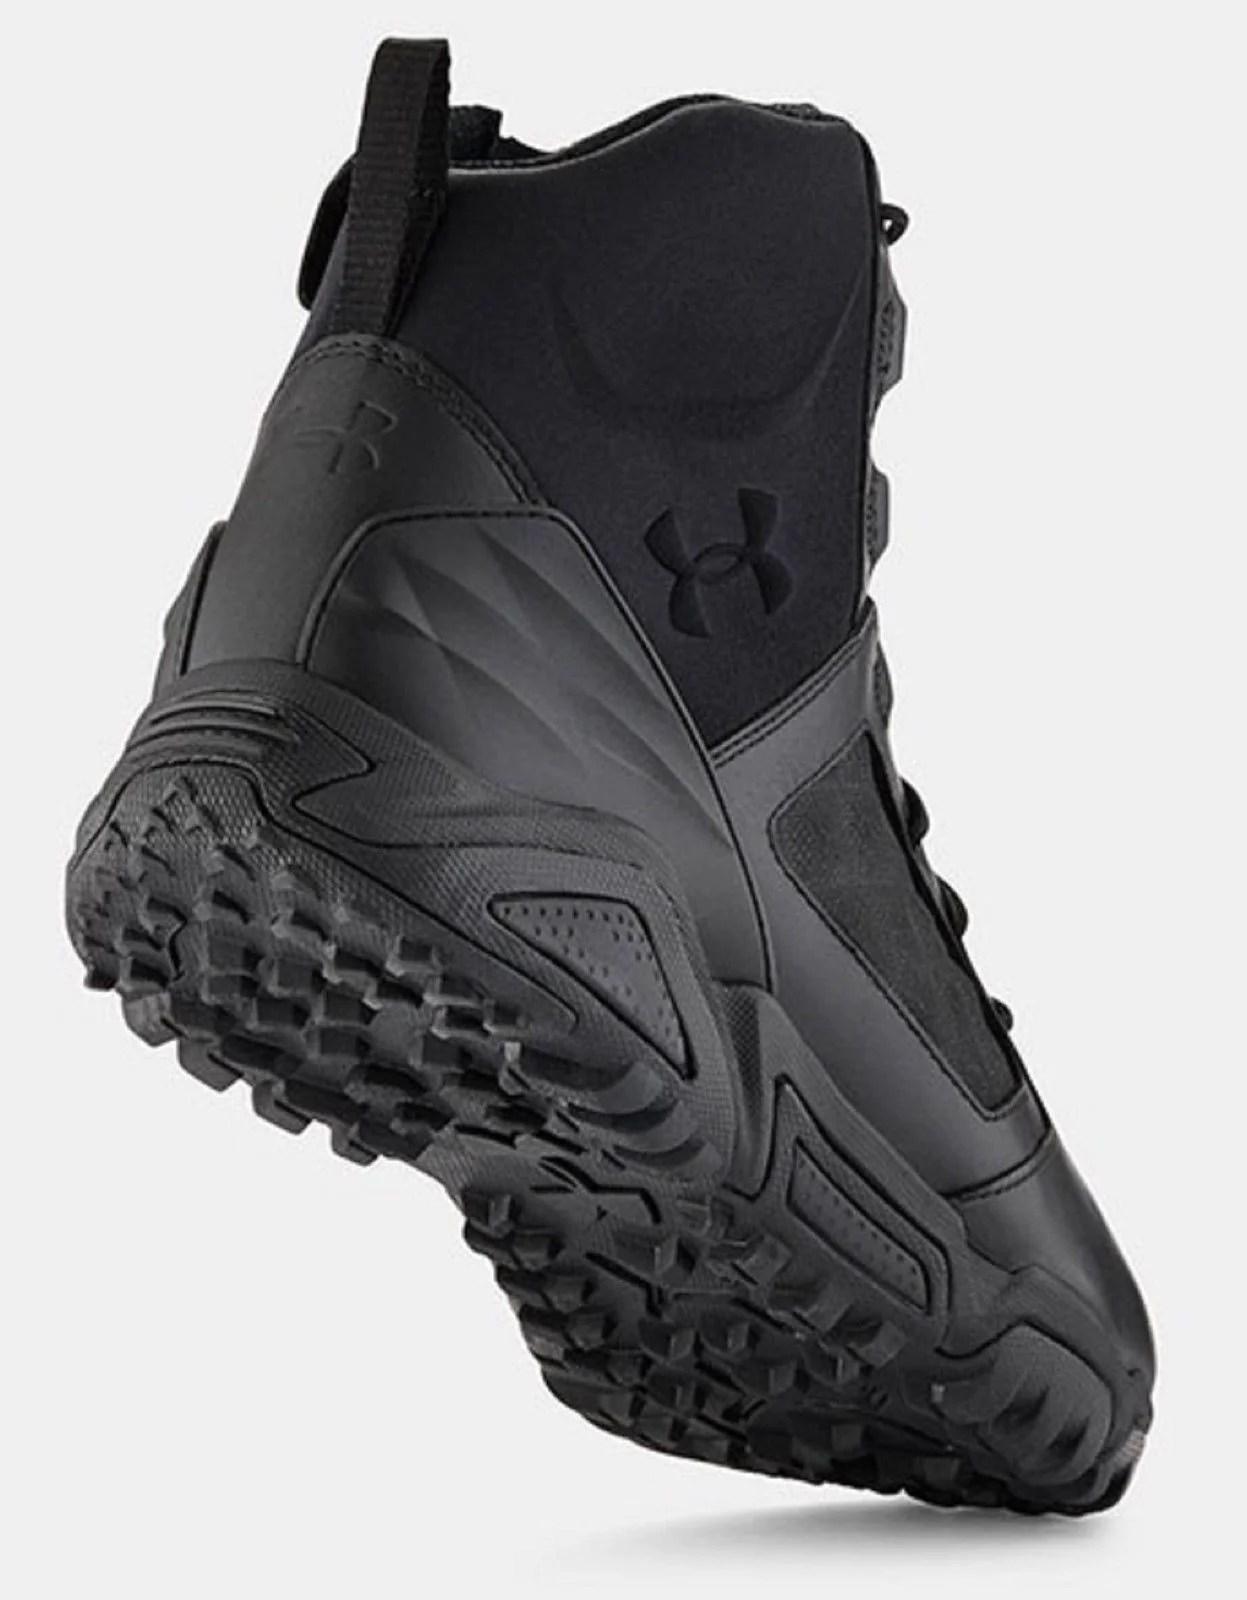 Mens Ua Tactical Zip Boots